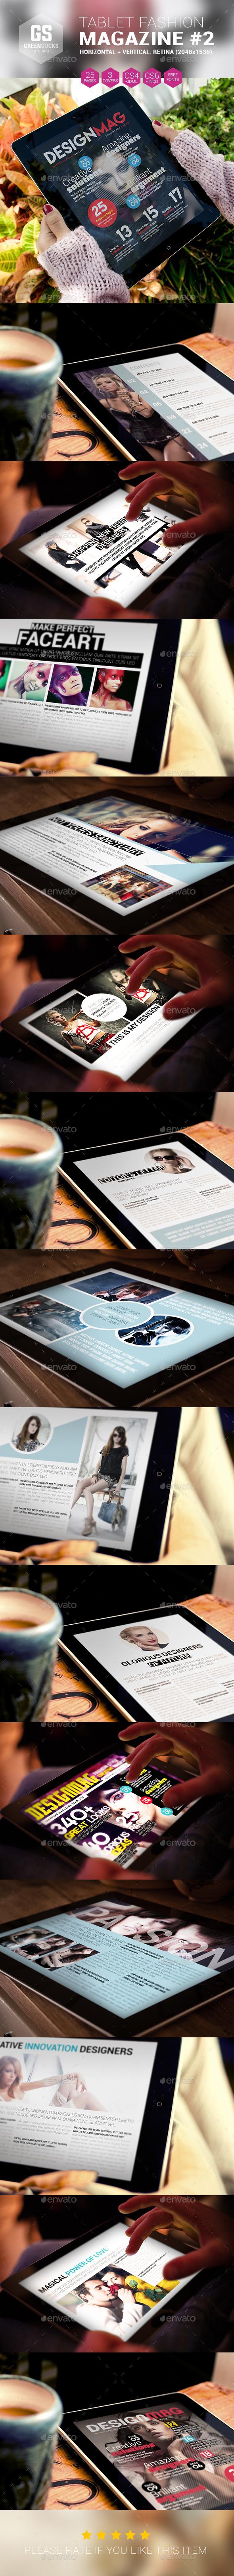 Tablet Fashion Magazine - Digital Magazines ePublishing